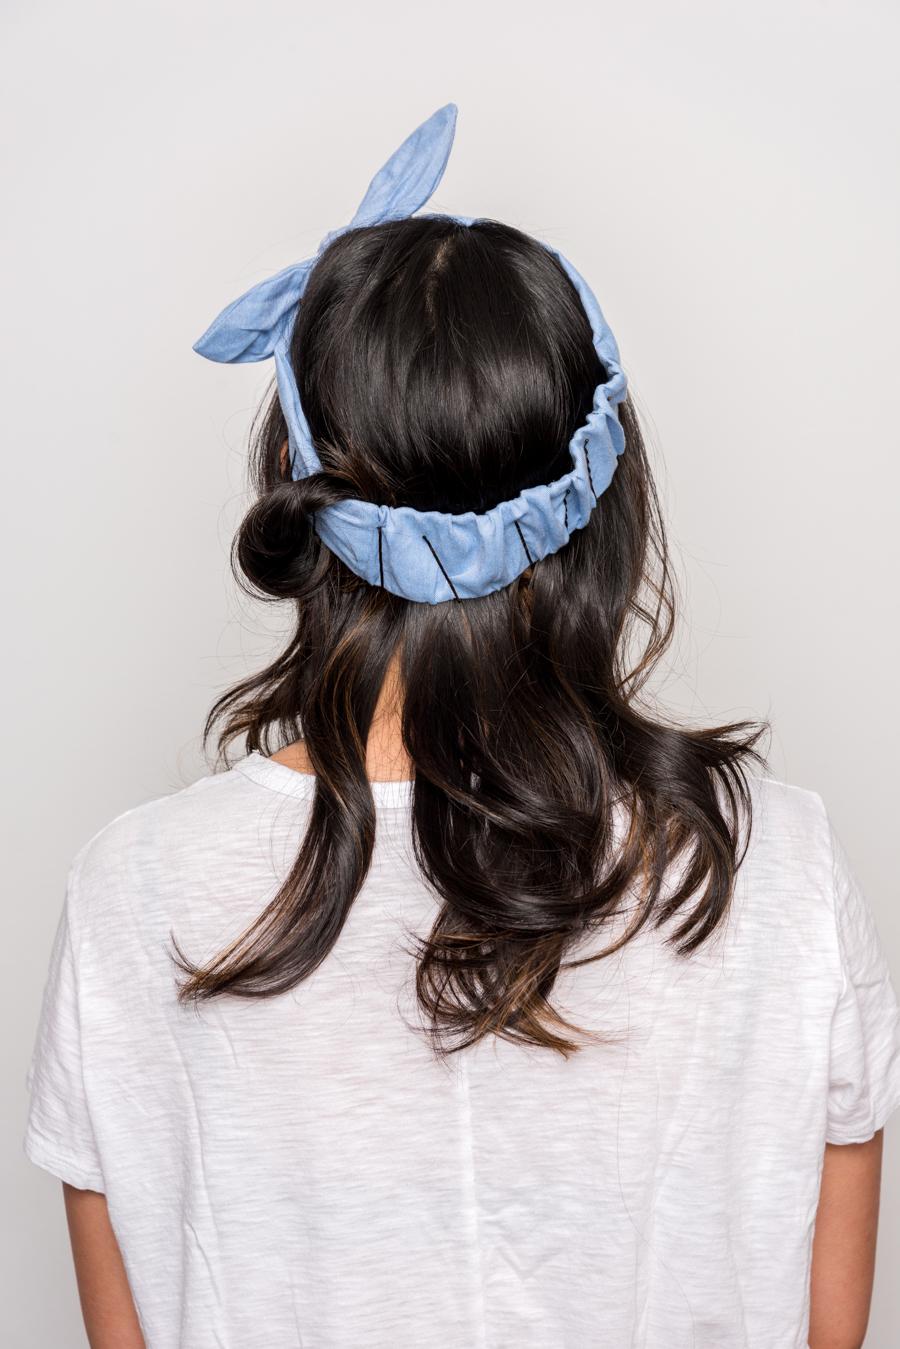 How To Do An Easy Headband Updo 夏にオススメの簡単ヘアアレンジ 7